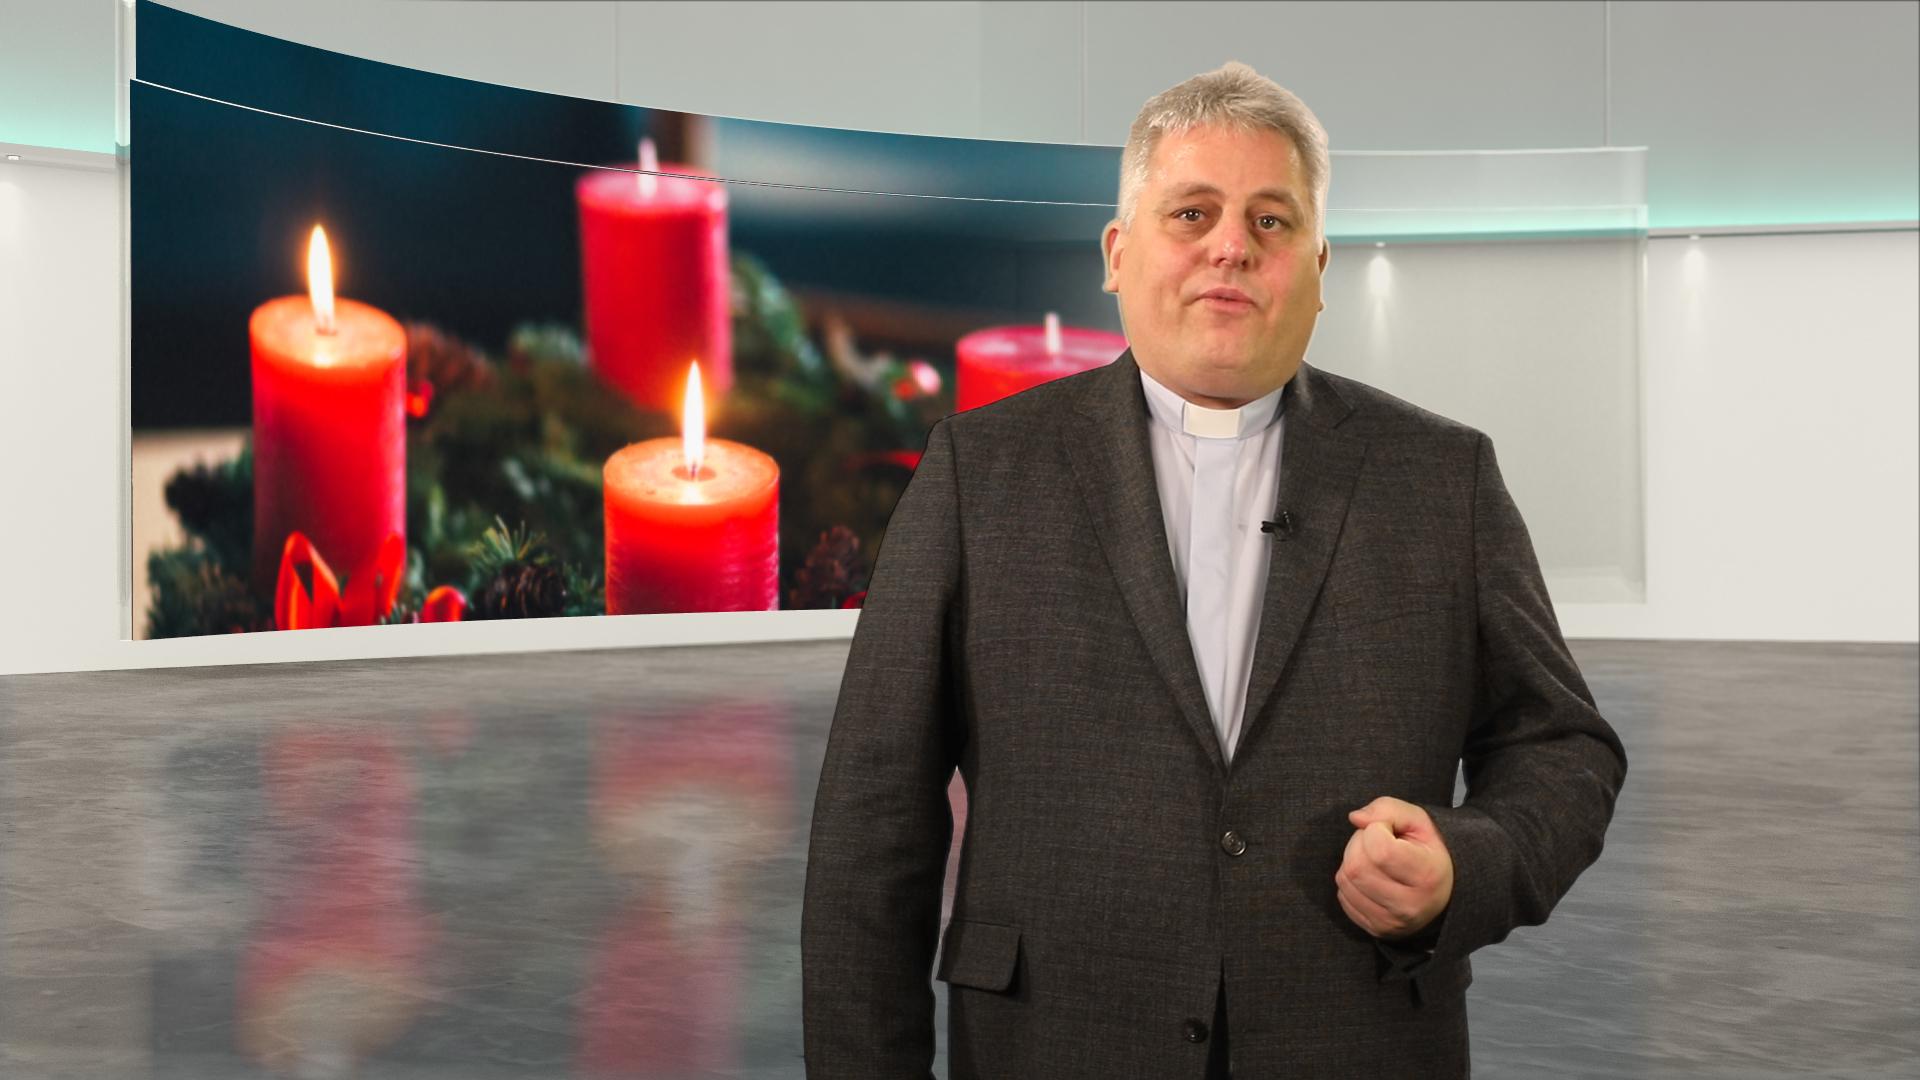 201206 Predigt De Jong Title TV